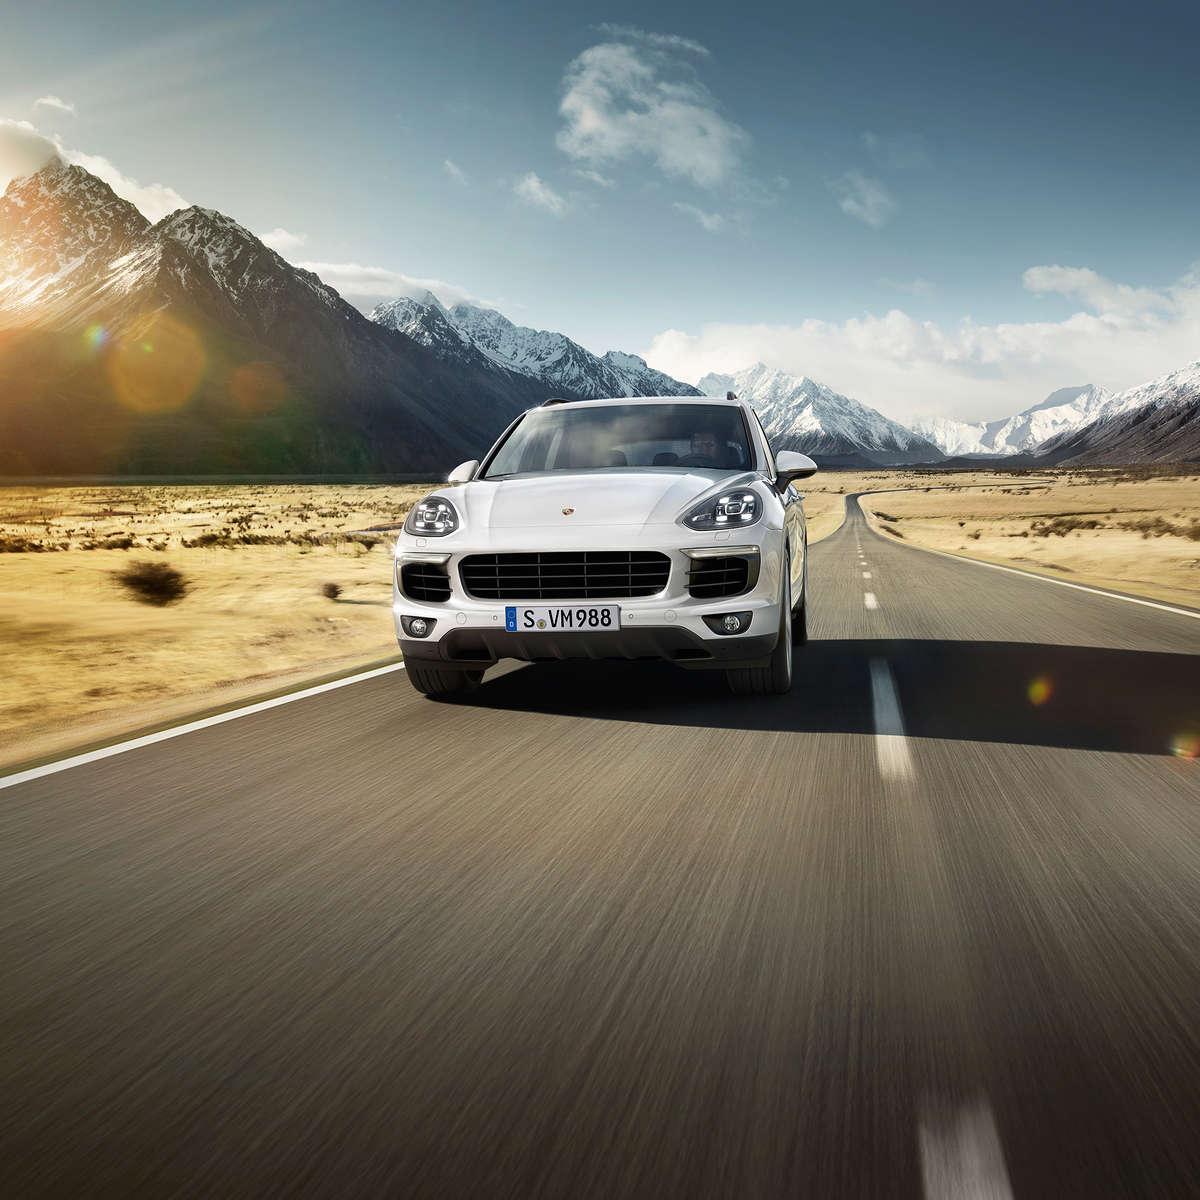 EPA lại tiếp tục phát hiện vi phạm tiêu chuẩn khí thải trên Audi và Porsche - Ảnh 1